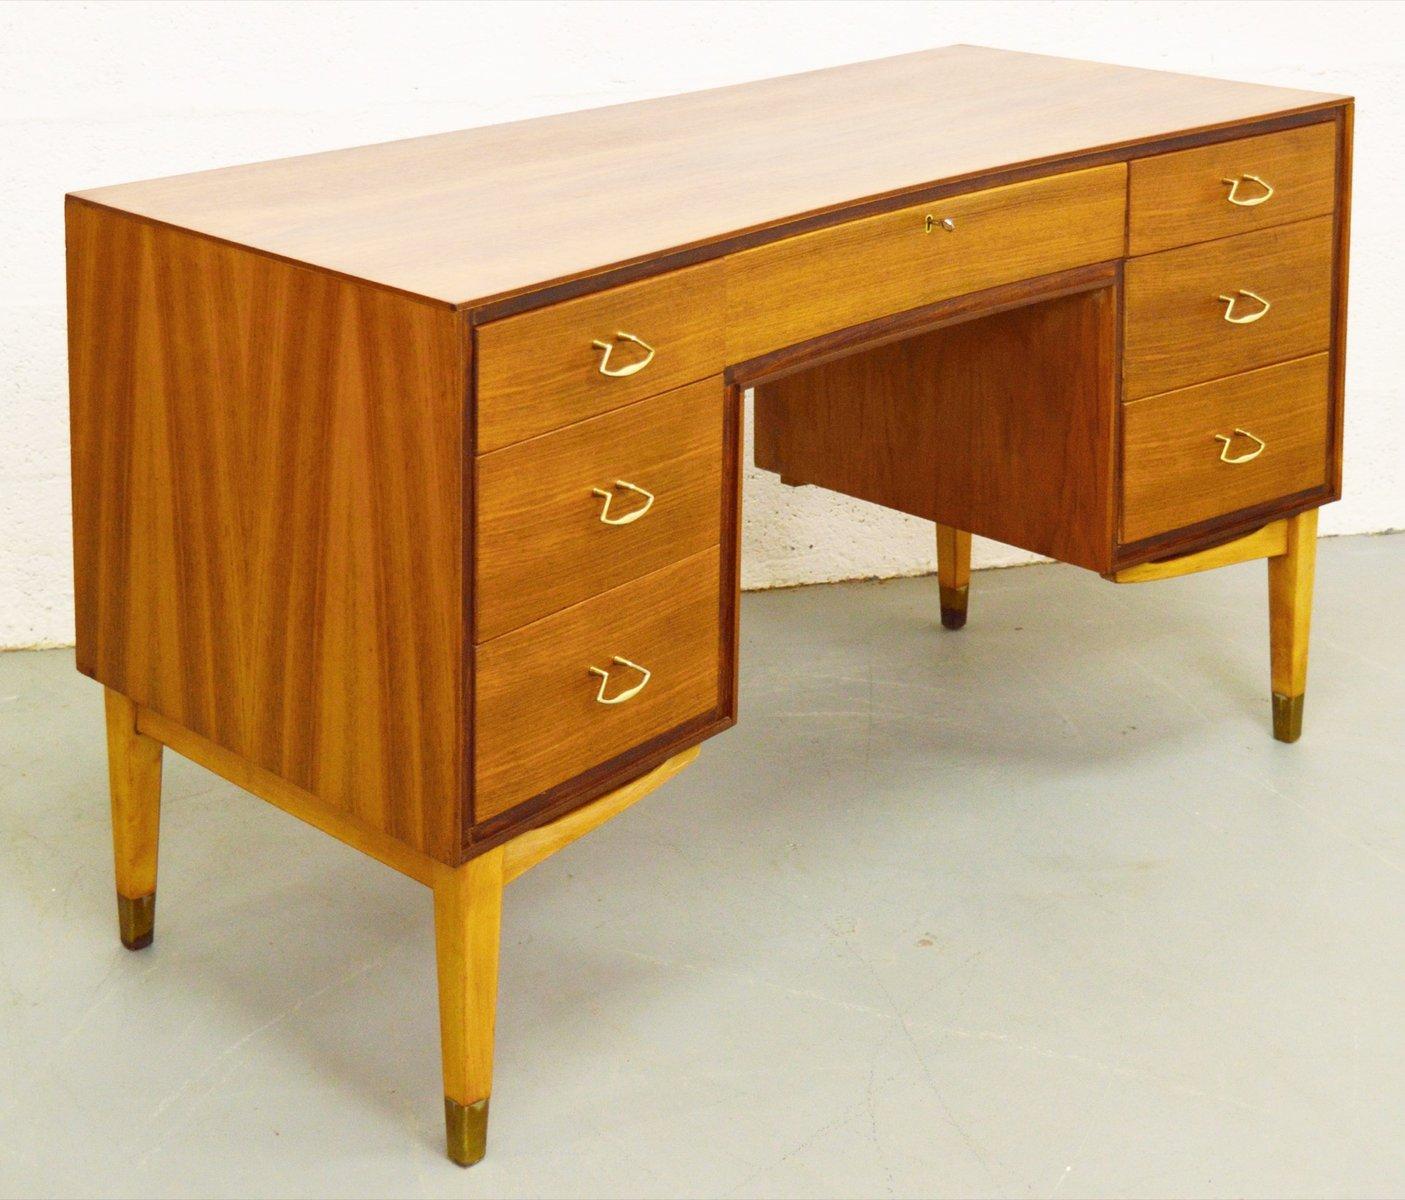 britischer mid century nussholz schreibtisch von wrighton 1960er bei pamono kaufen. Black Bedroom Furniture Sets. Home Design Ideas